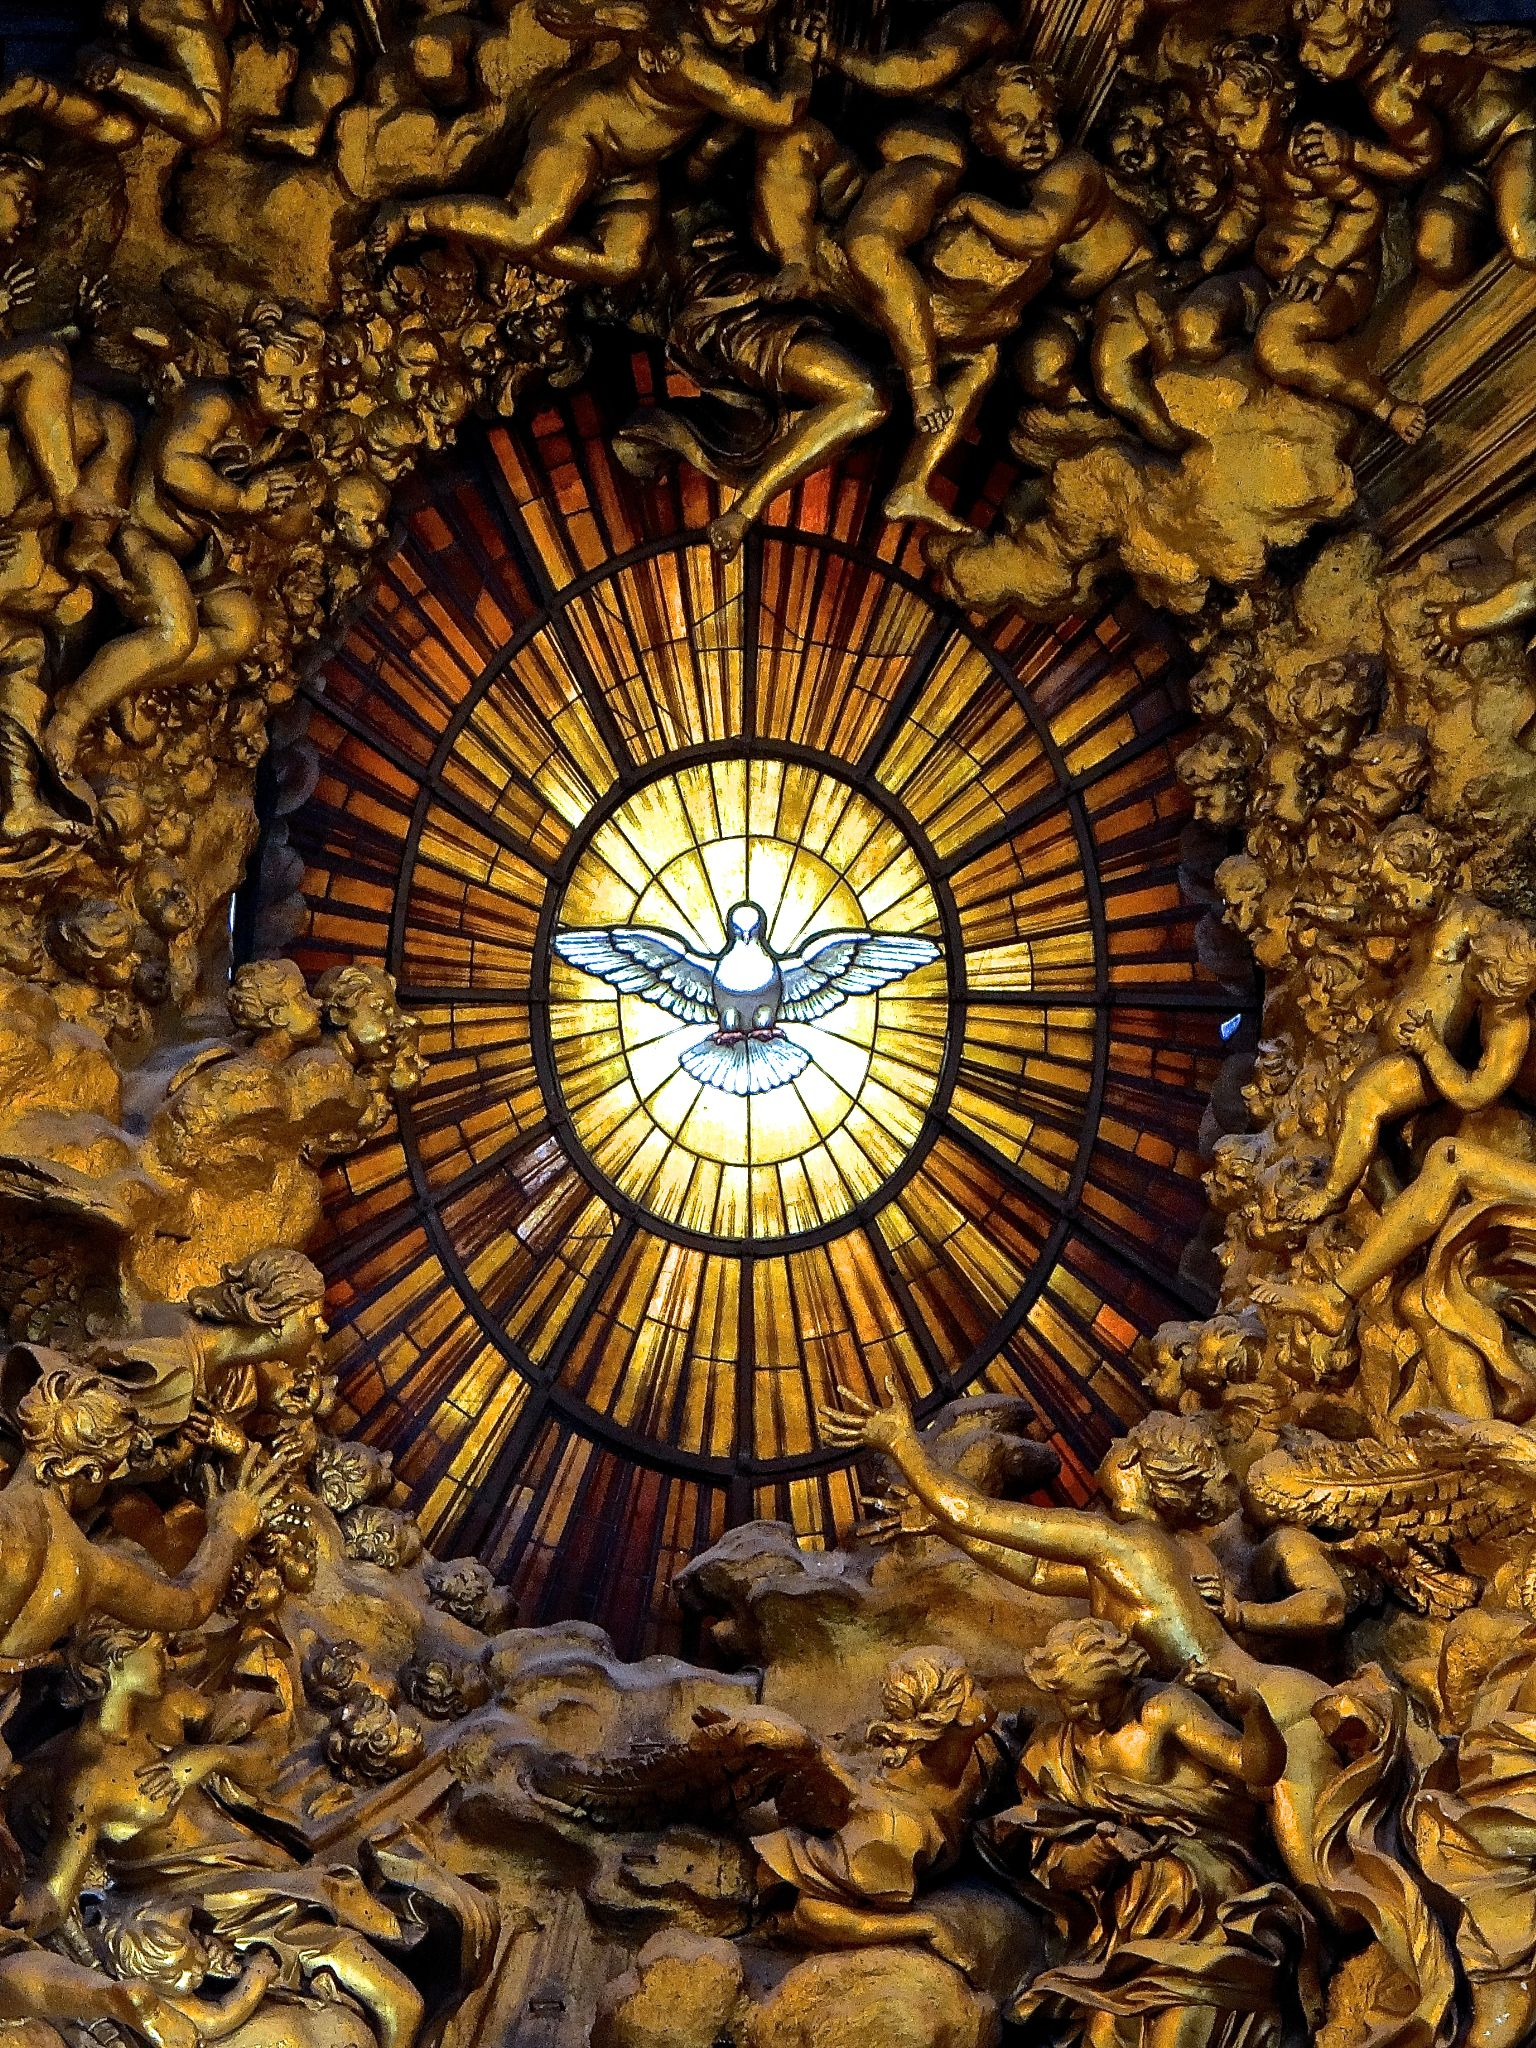 Spirit Calls - St. Peter's - Vatican by Steve Aicinena